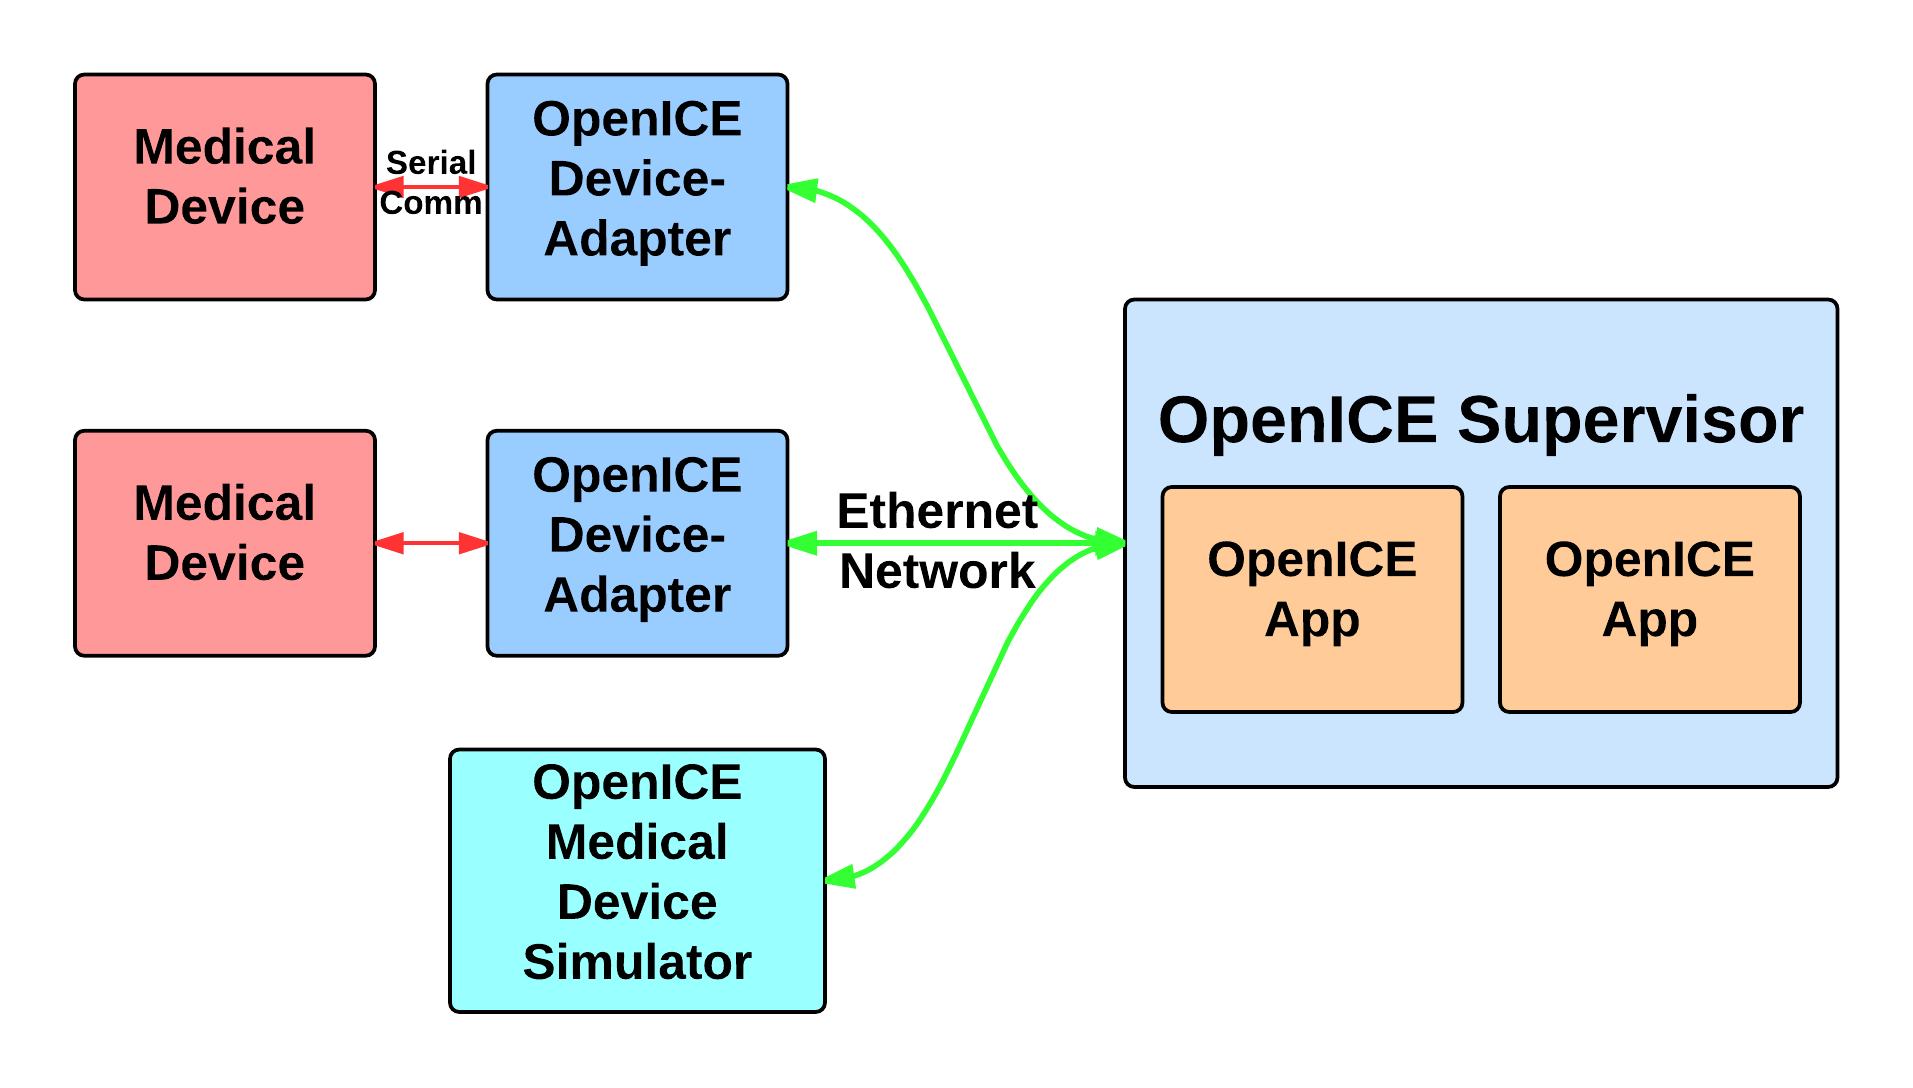 openice setup